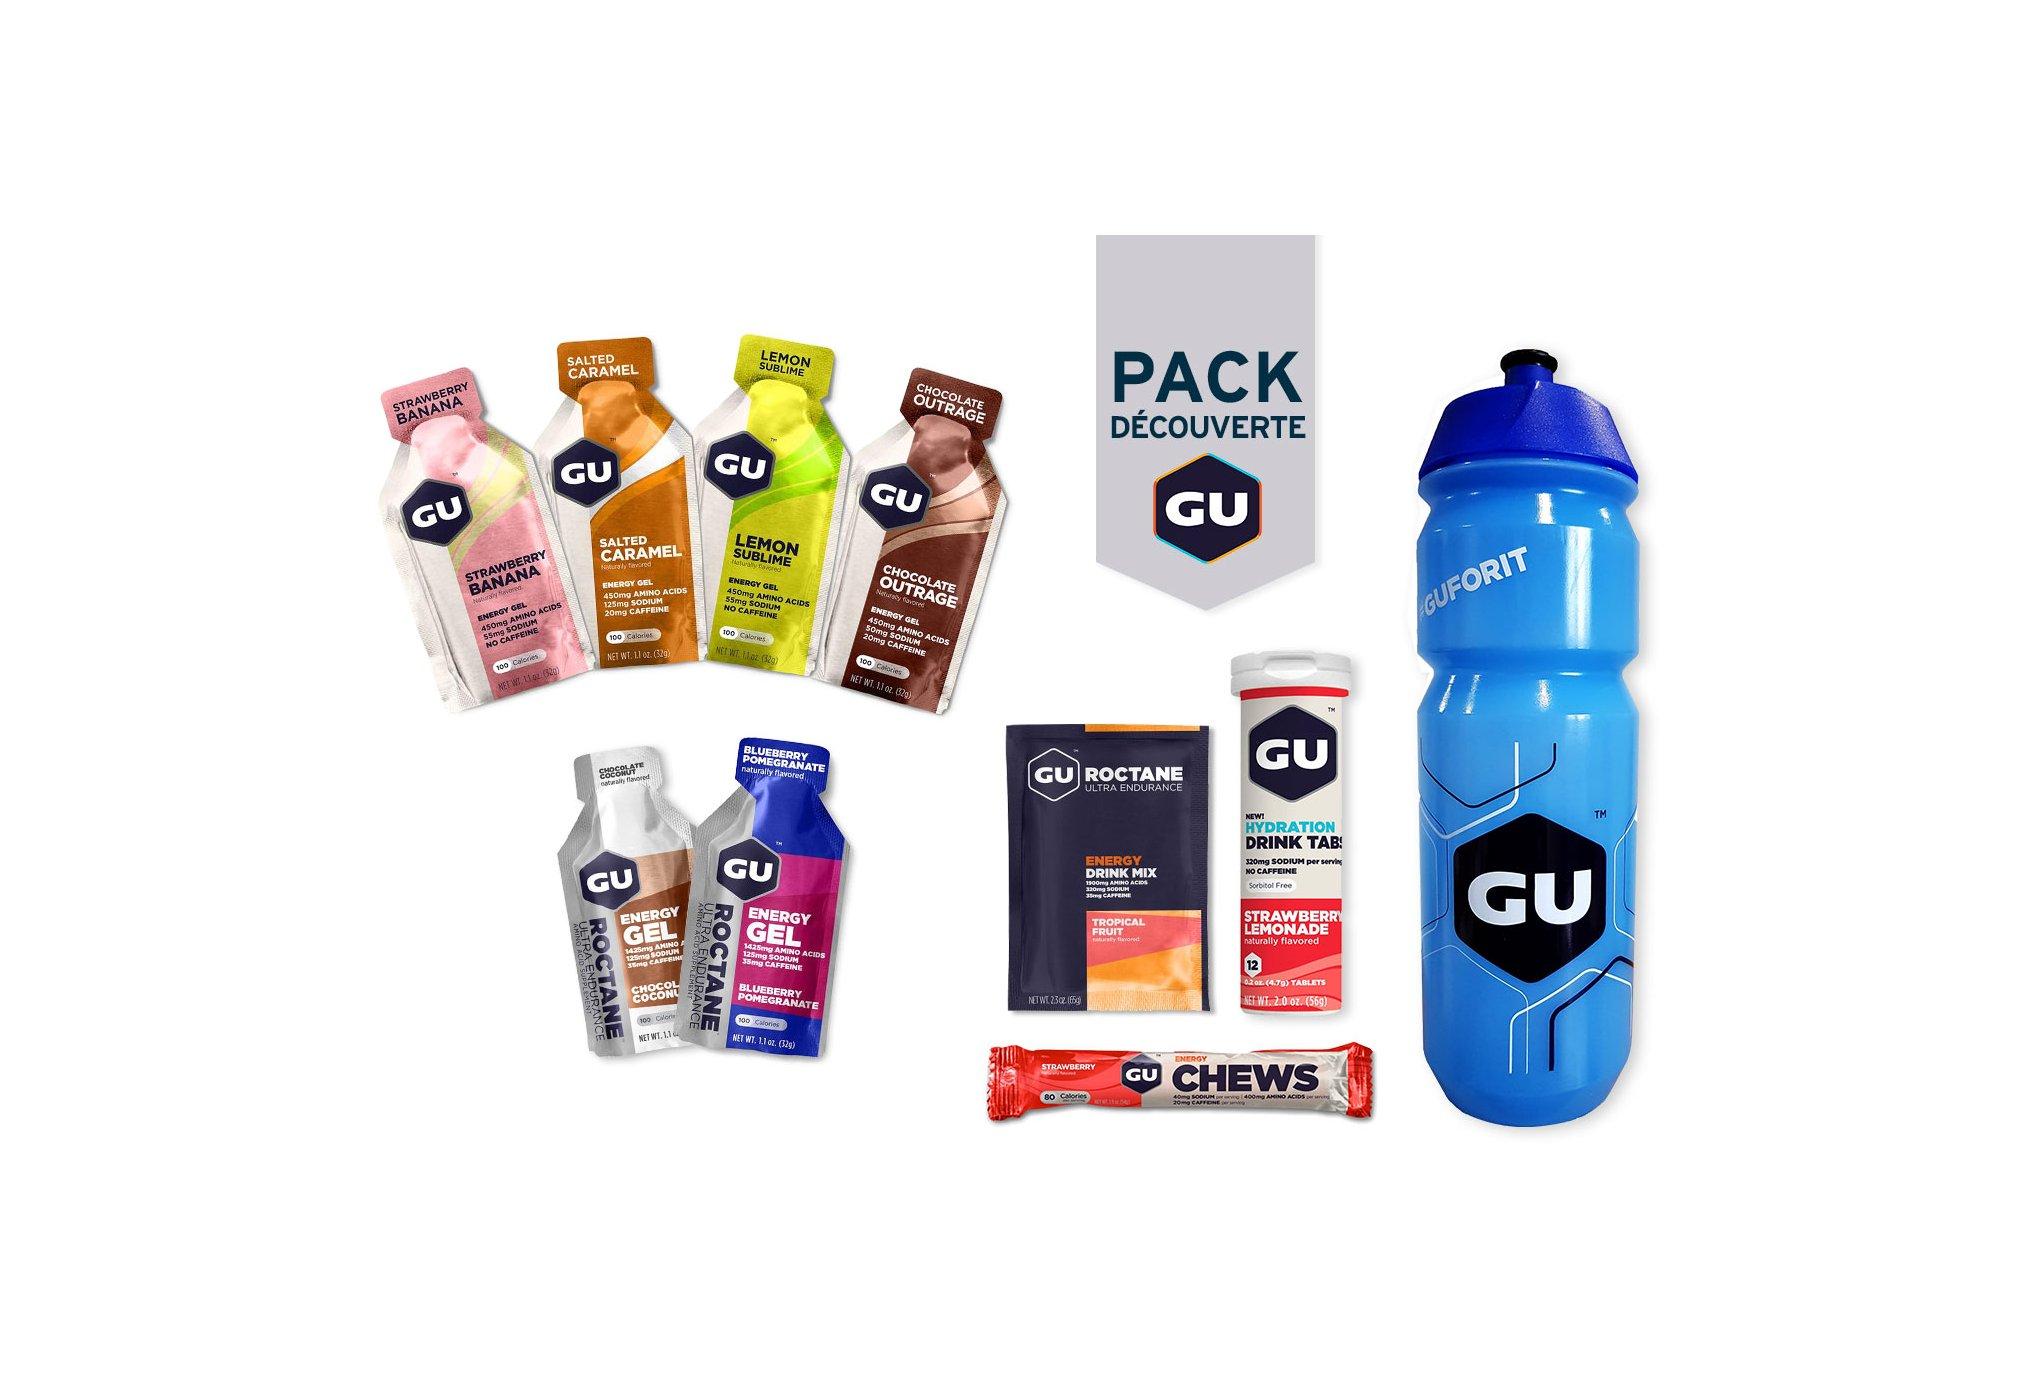 GU Pack Découverte Diététique Packs